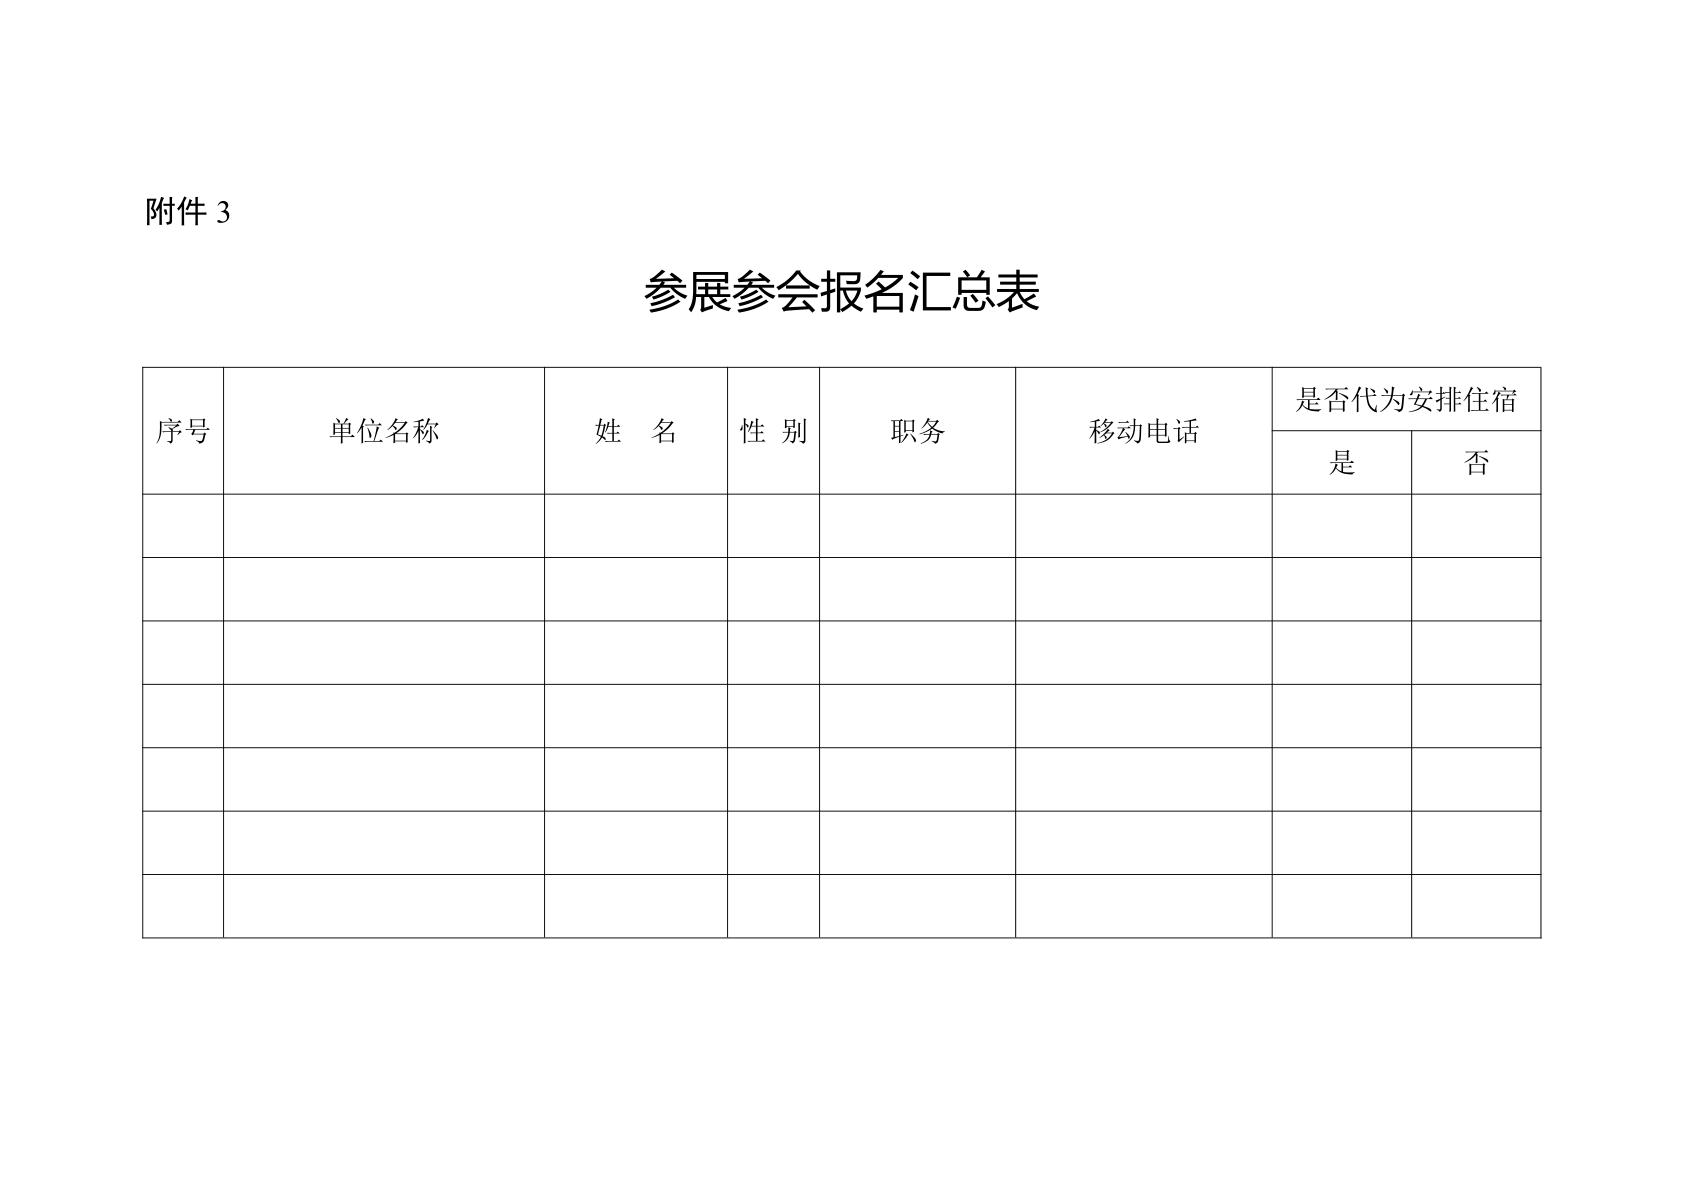 函(02)参加2018第十三届东亚国际食品交易博览会函_1_1.png